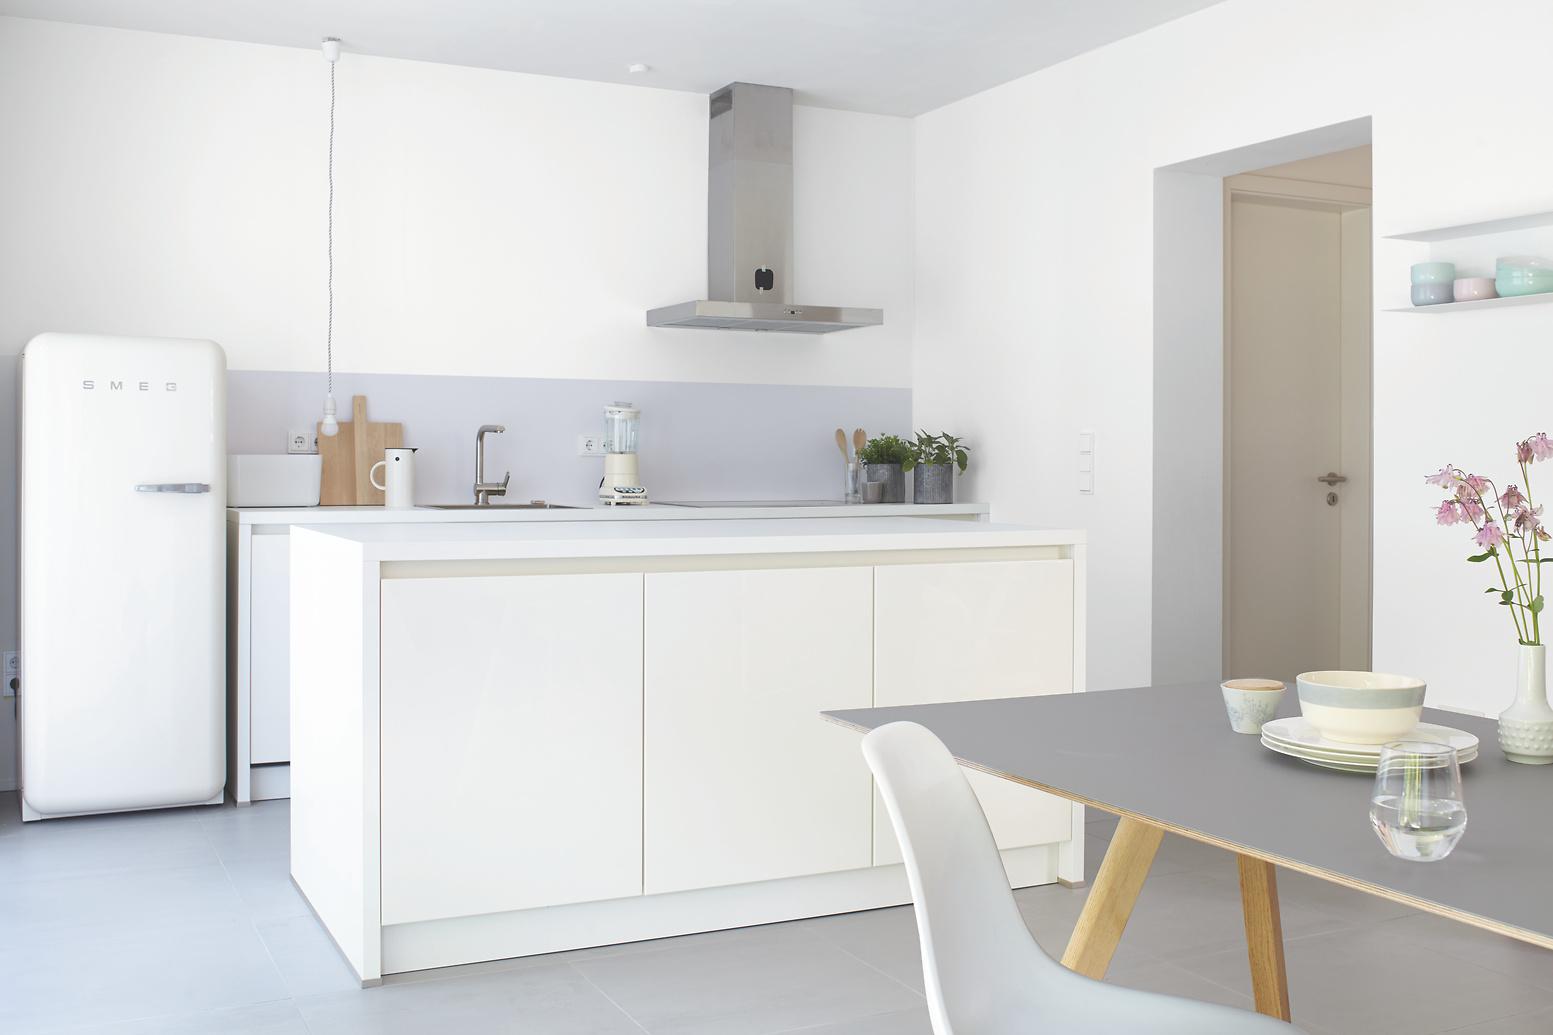 Bad- und Küchenfarbe, mit Filmschutz gegen Schimmel - Alpina ...